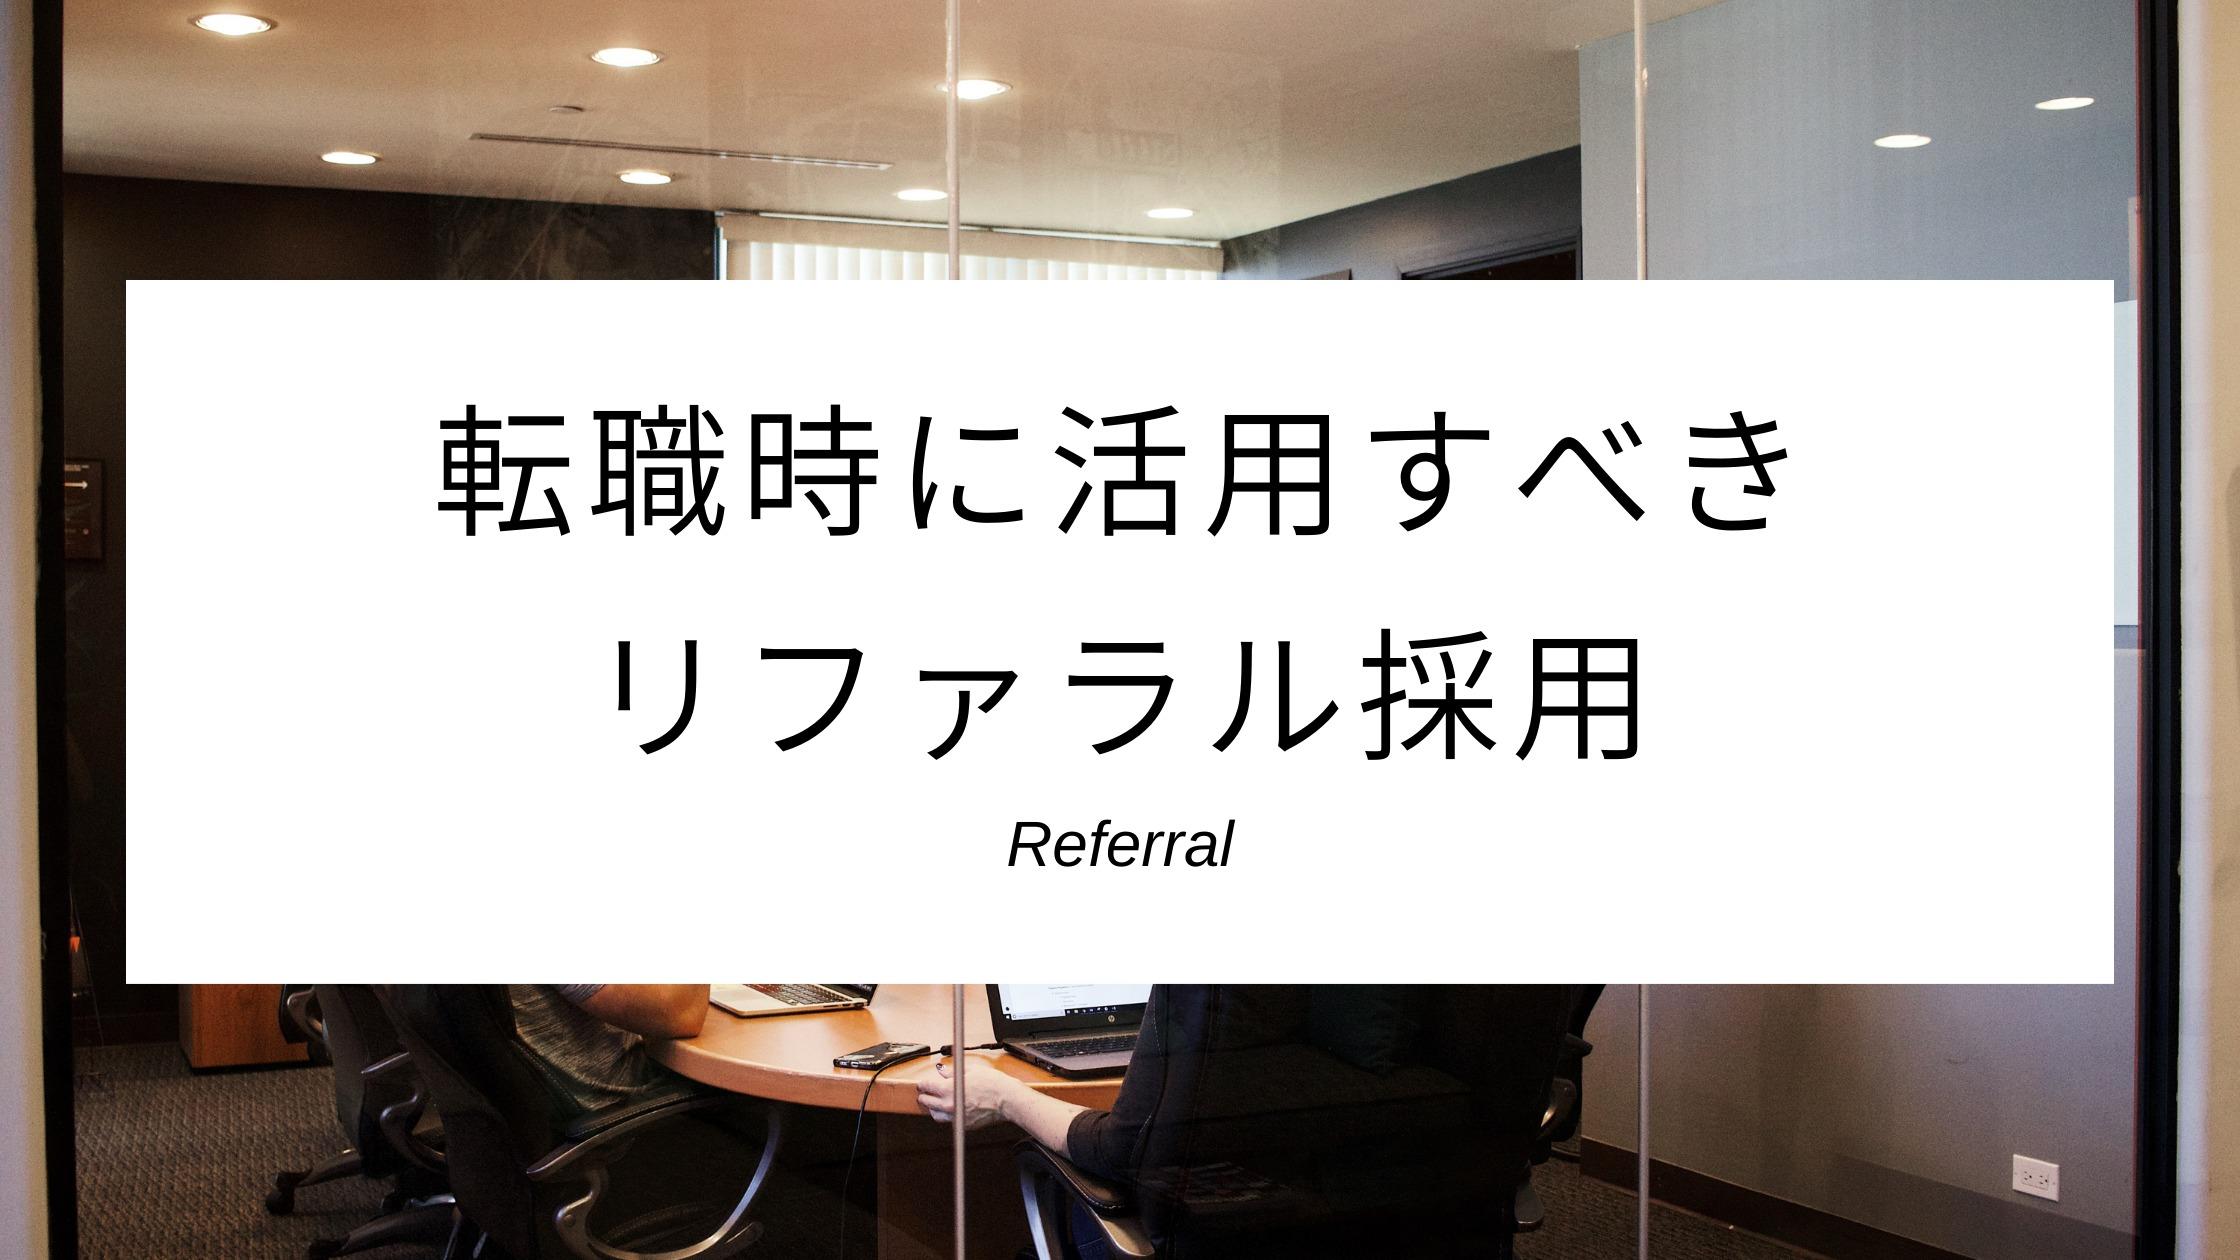 転職時に活用すべき リファラル採用